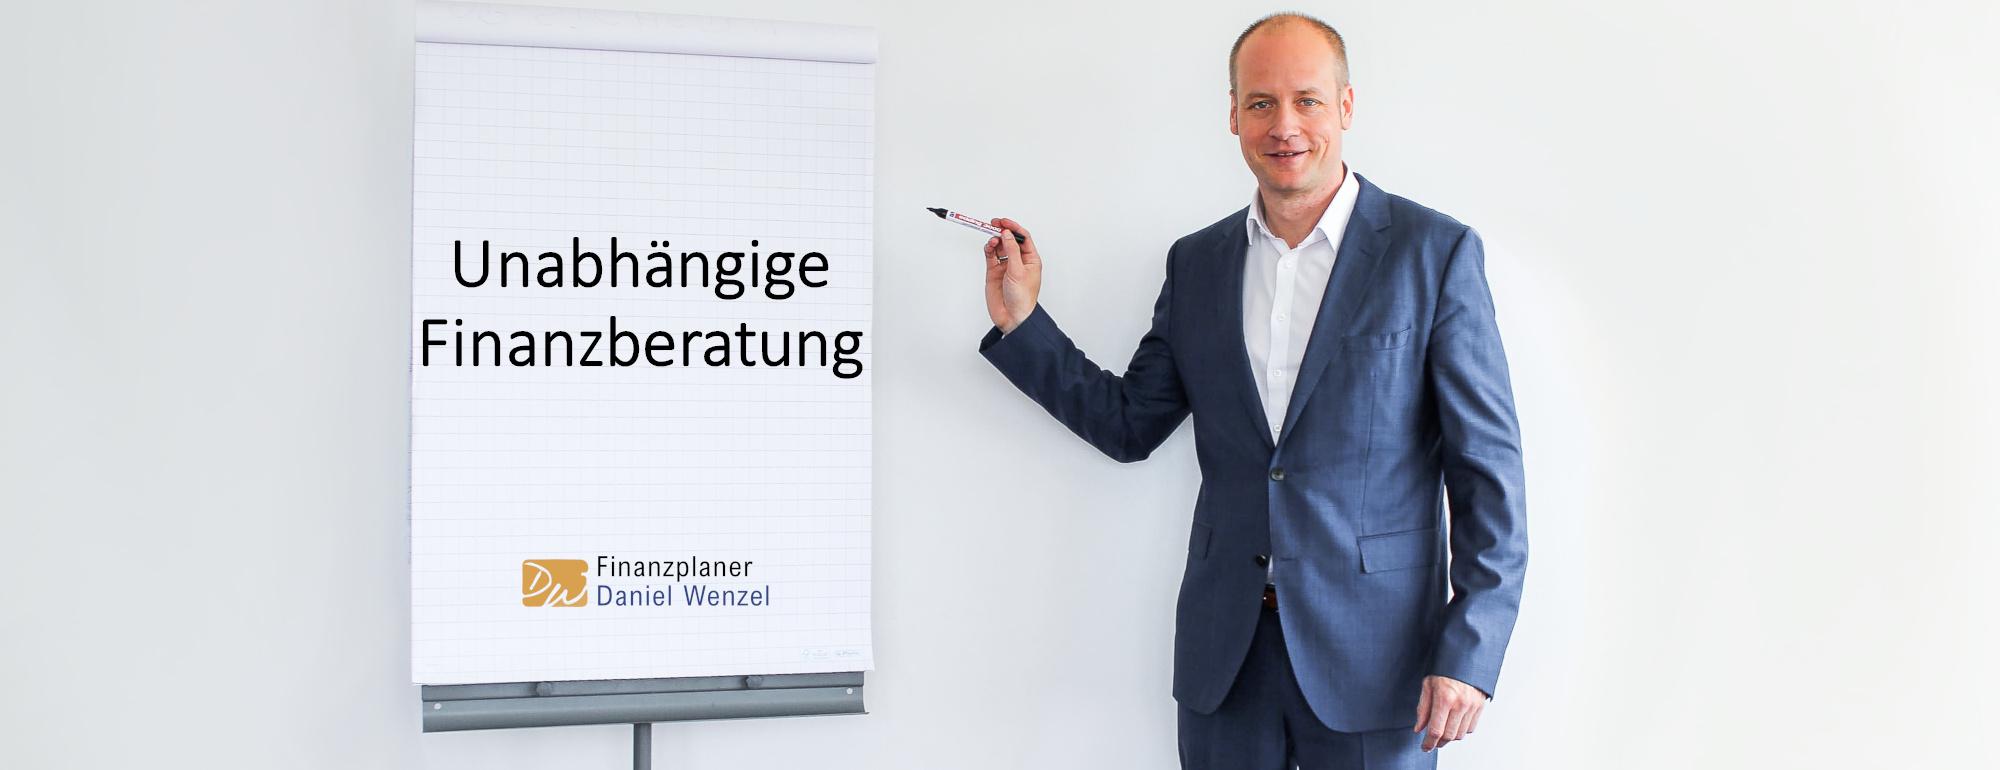 Unabhängige Finanzberatung-Daniel-Wenzel